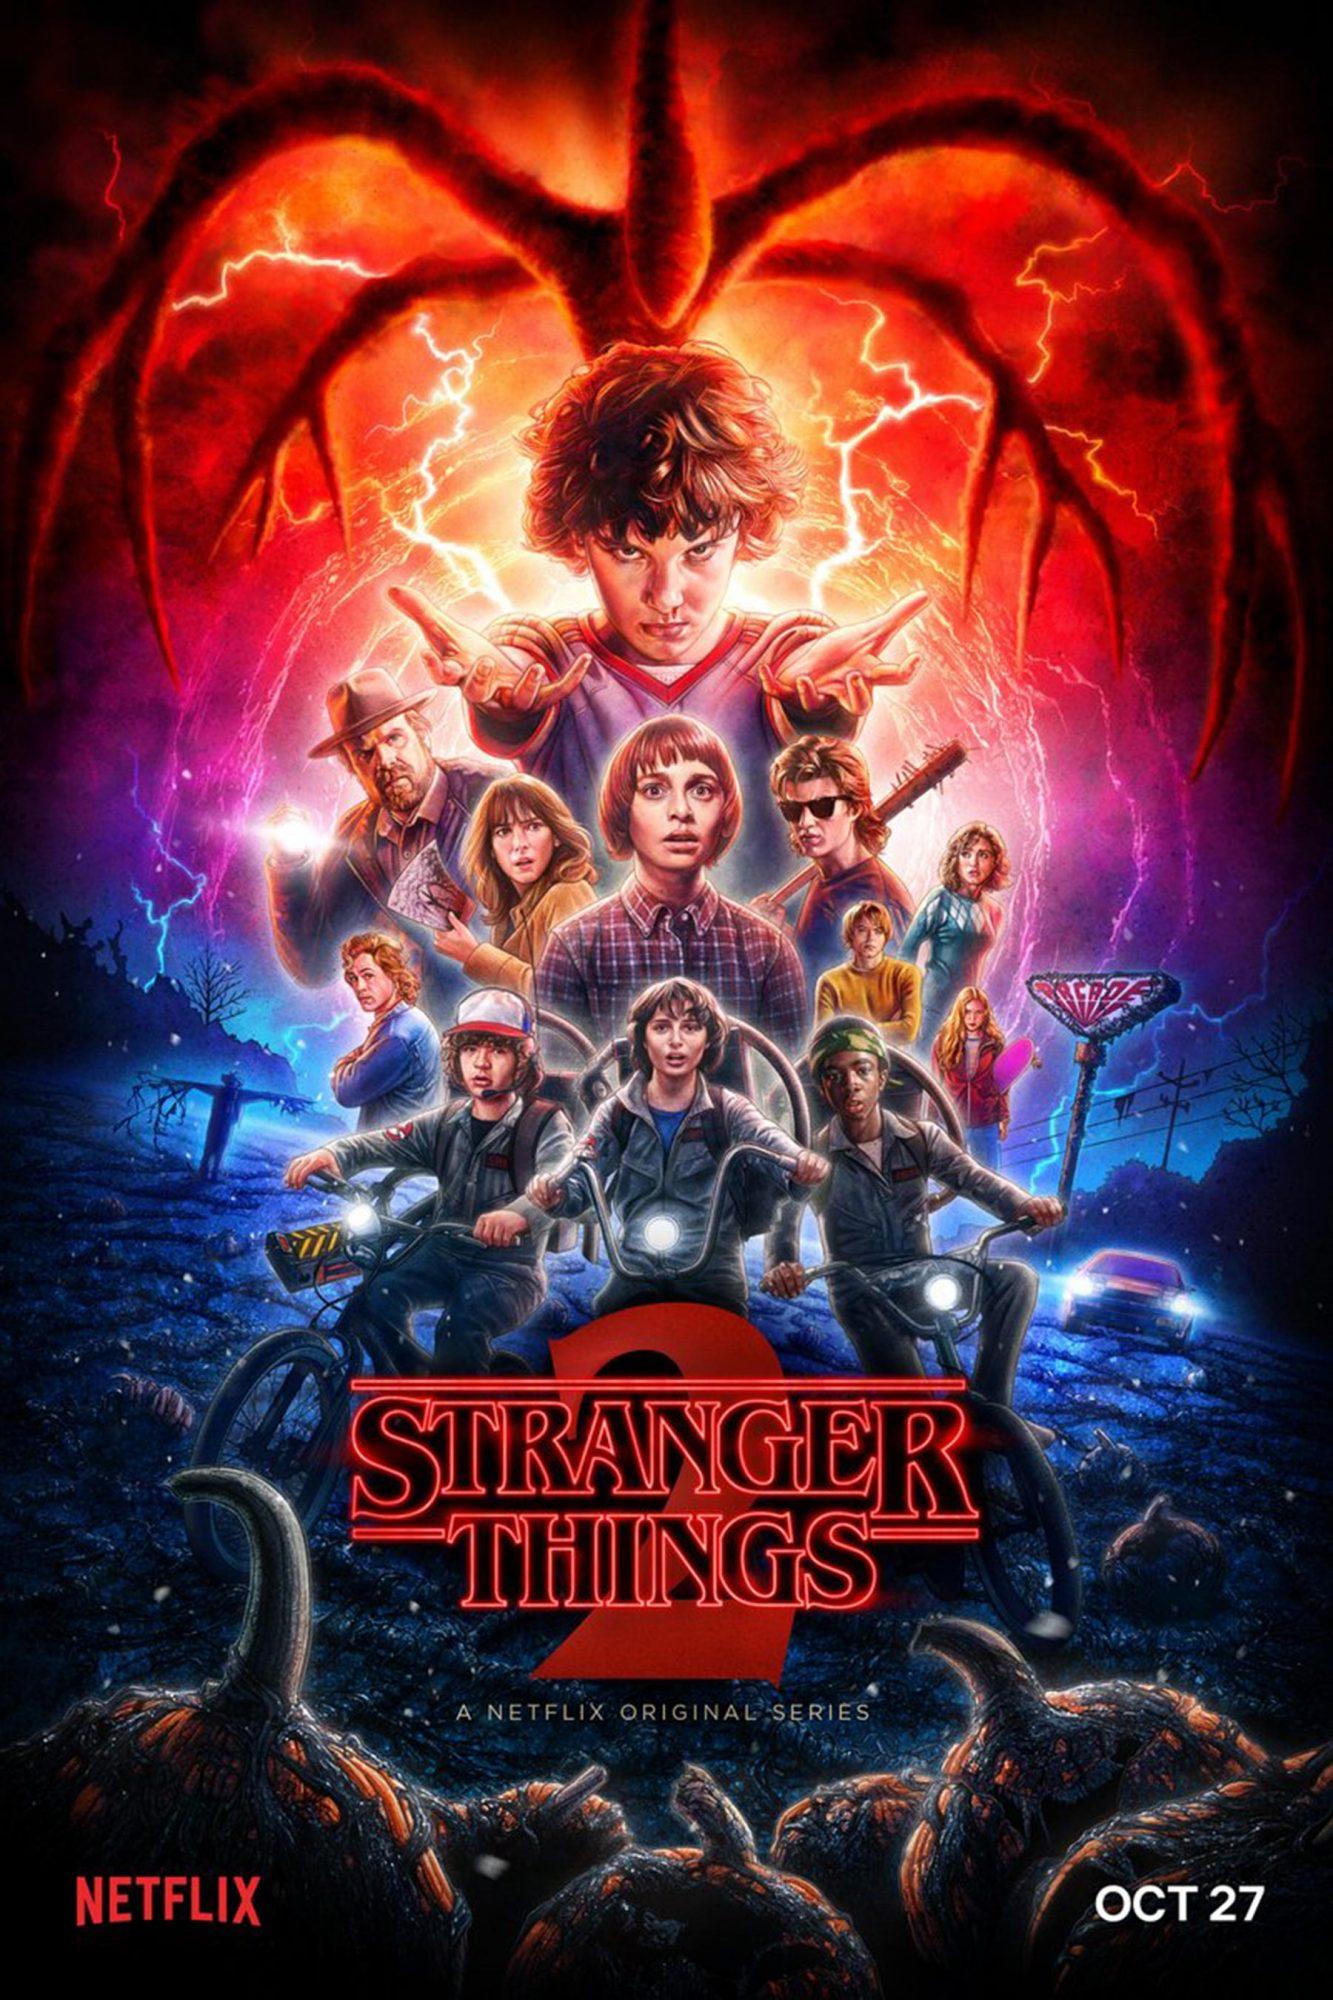 Stranger Things Season 2 poster CR: Netflix